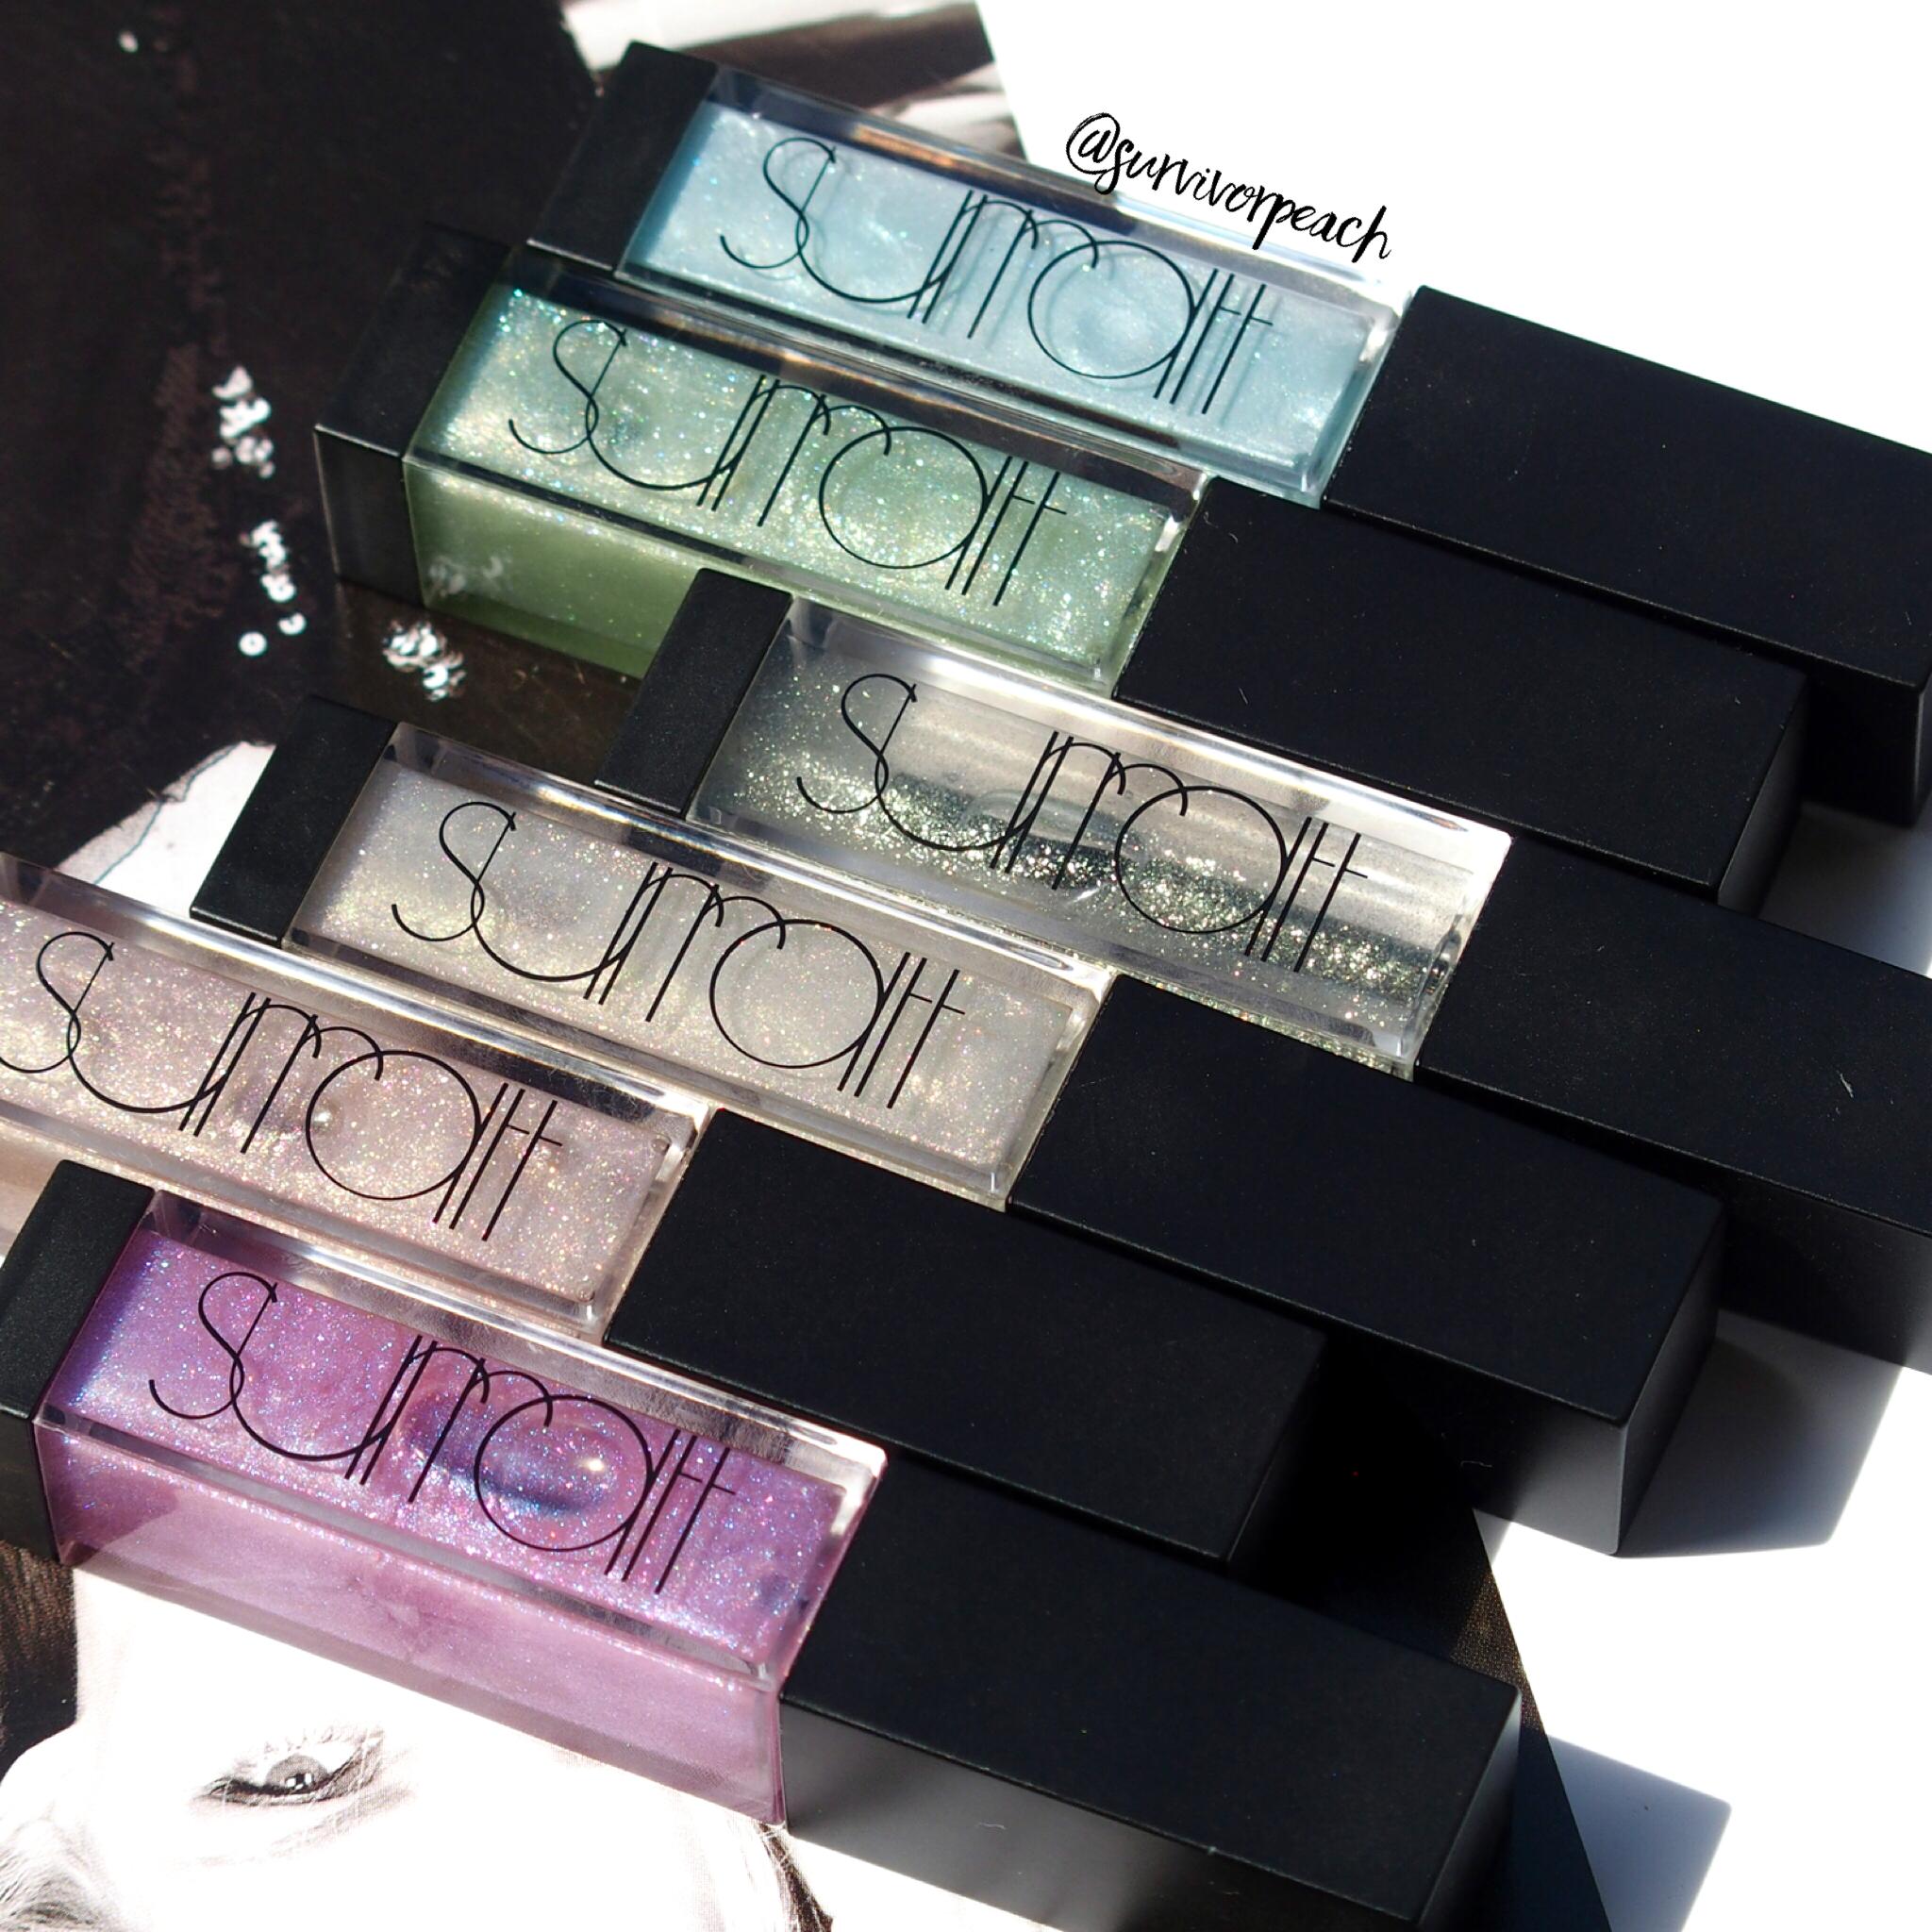 Surratt Beauty Lip Lustre in shades Je Ne Sais Quoi, Faux Pas, Etiole, Viola!, Oh La La, and Amethyst